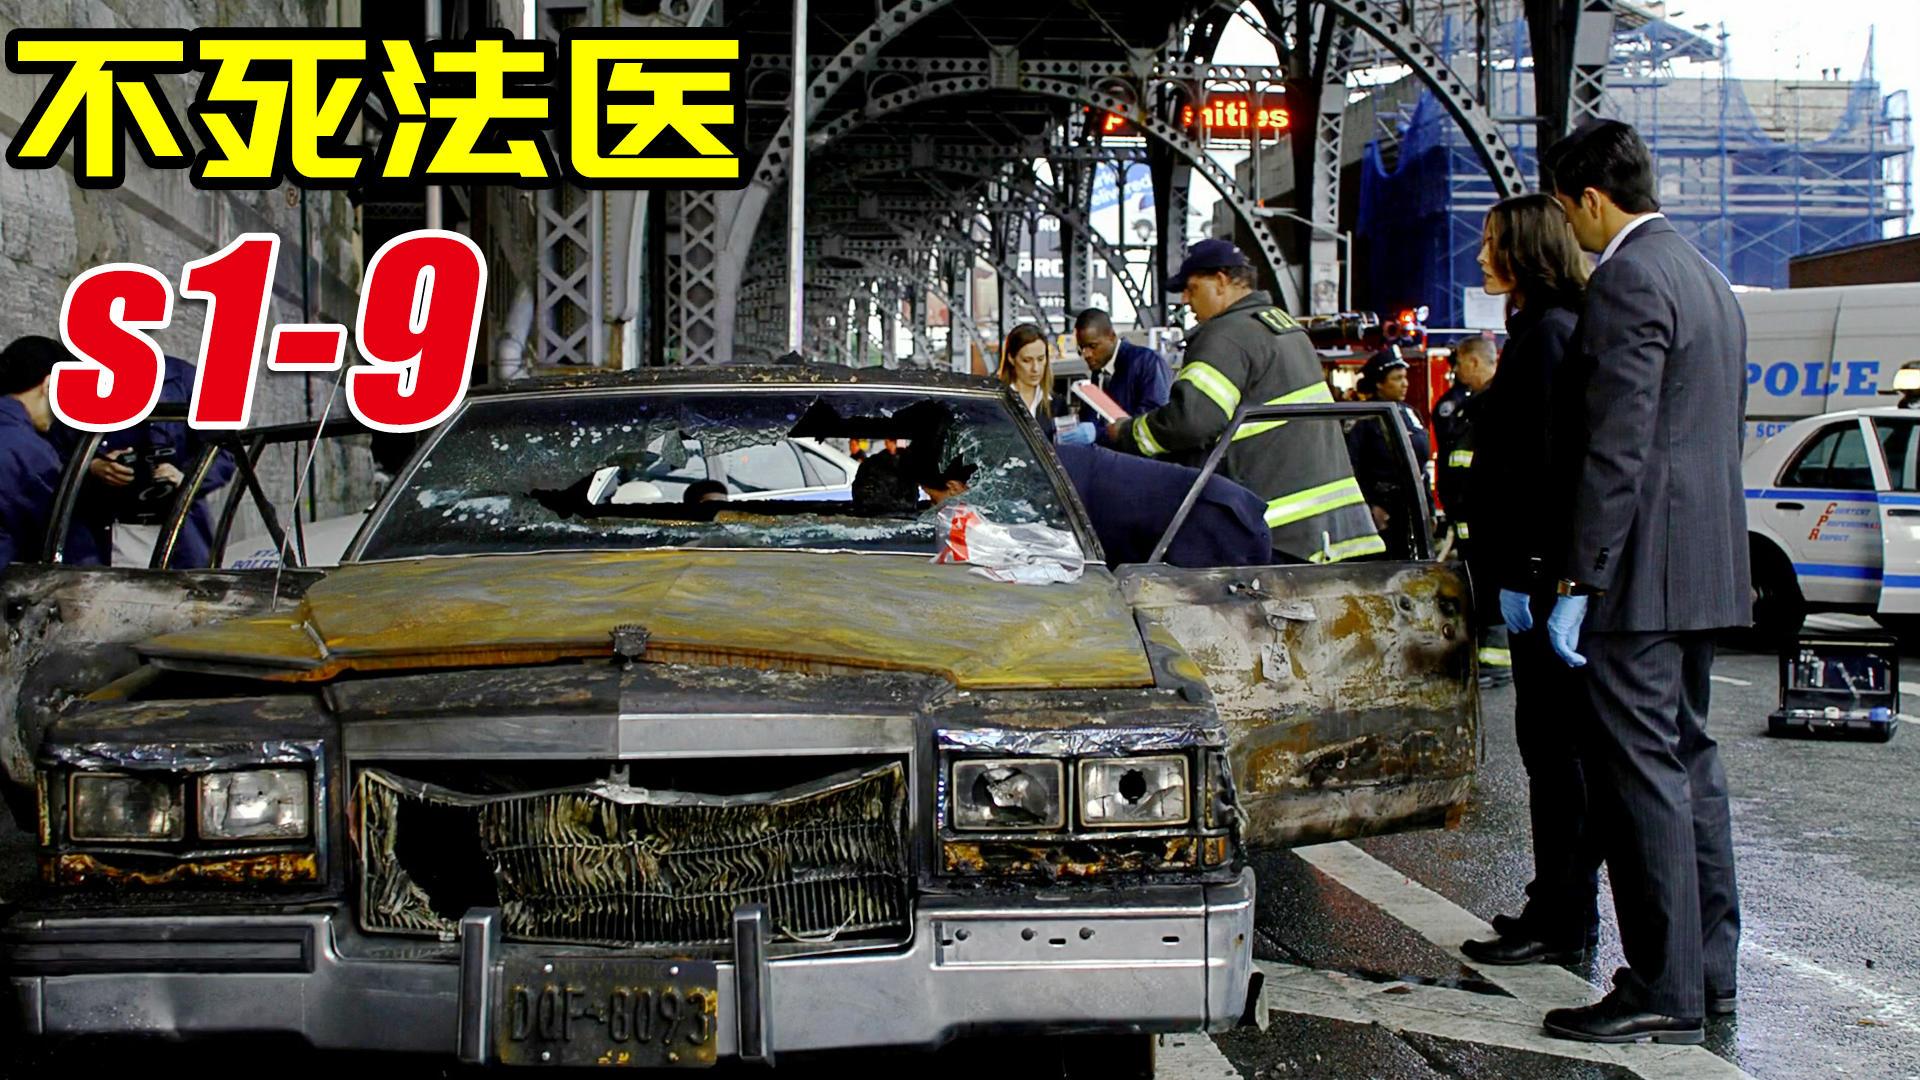 #追剧不能停#让富豪身败名裂的证据,却让他的车被烧毁!悬疑美剧《不死法医》